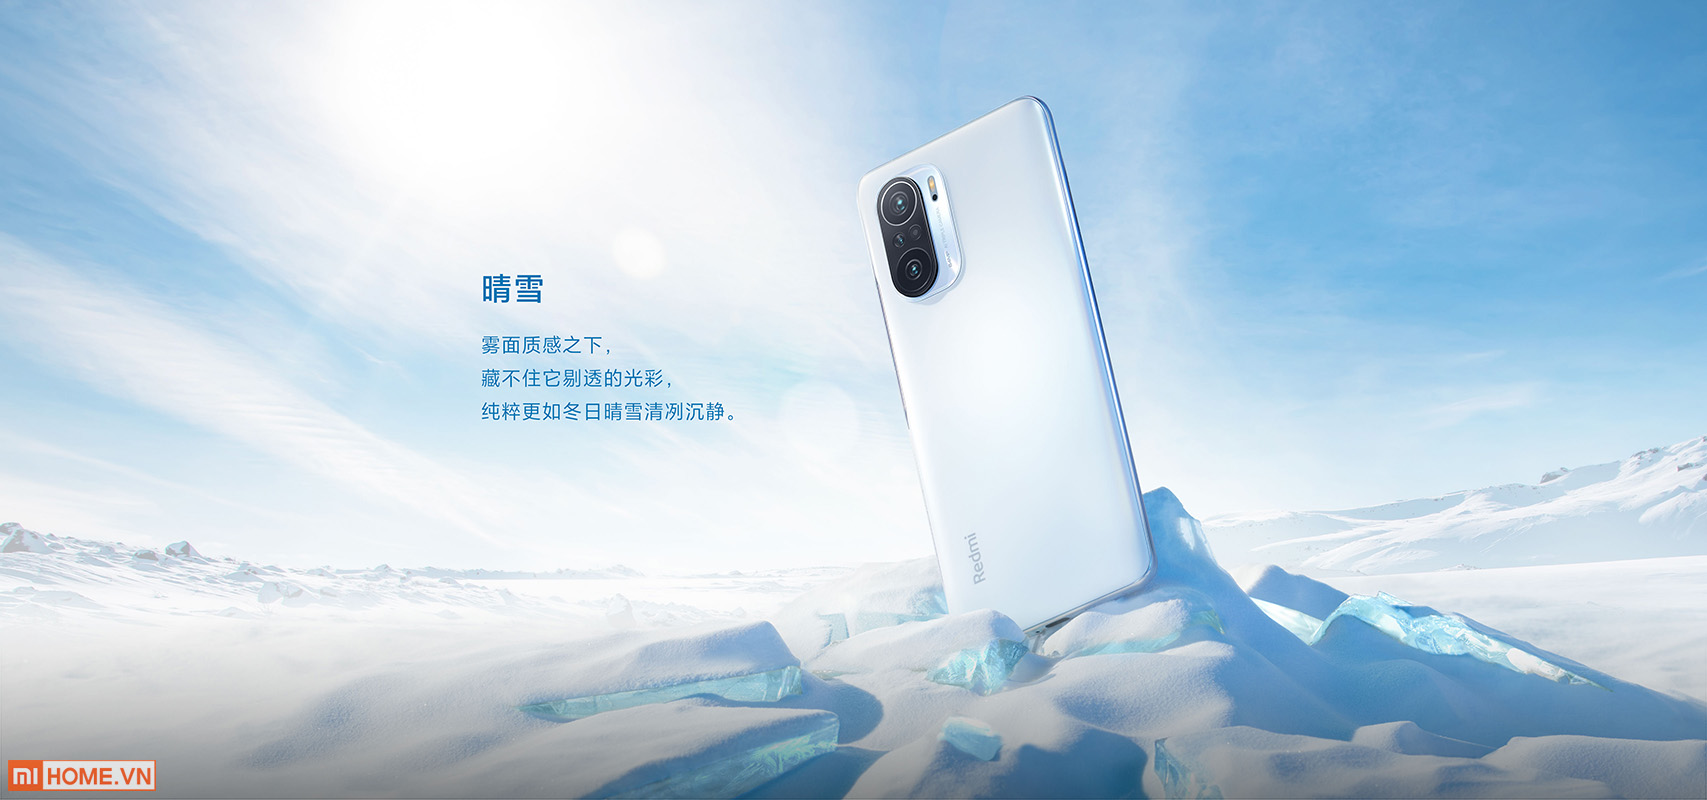 Xiaomi Redmi K40 Pro Plus 22